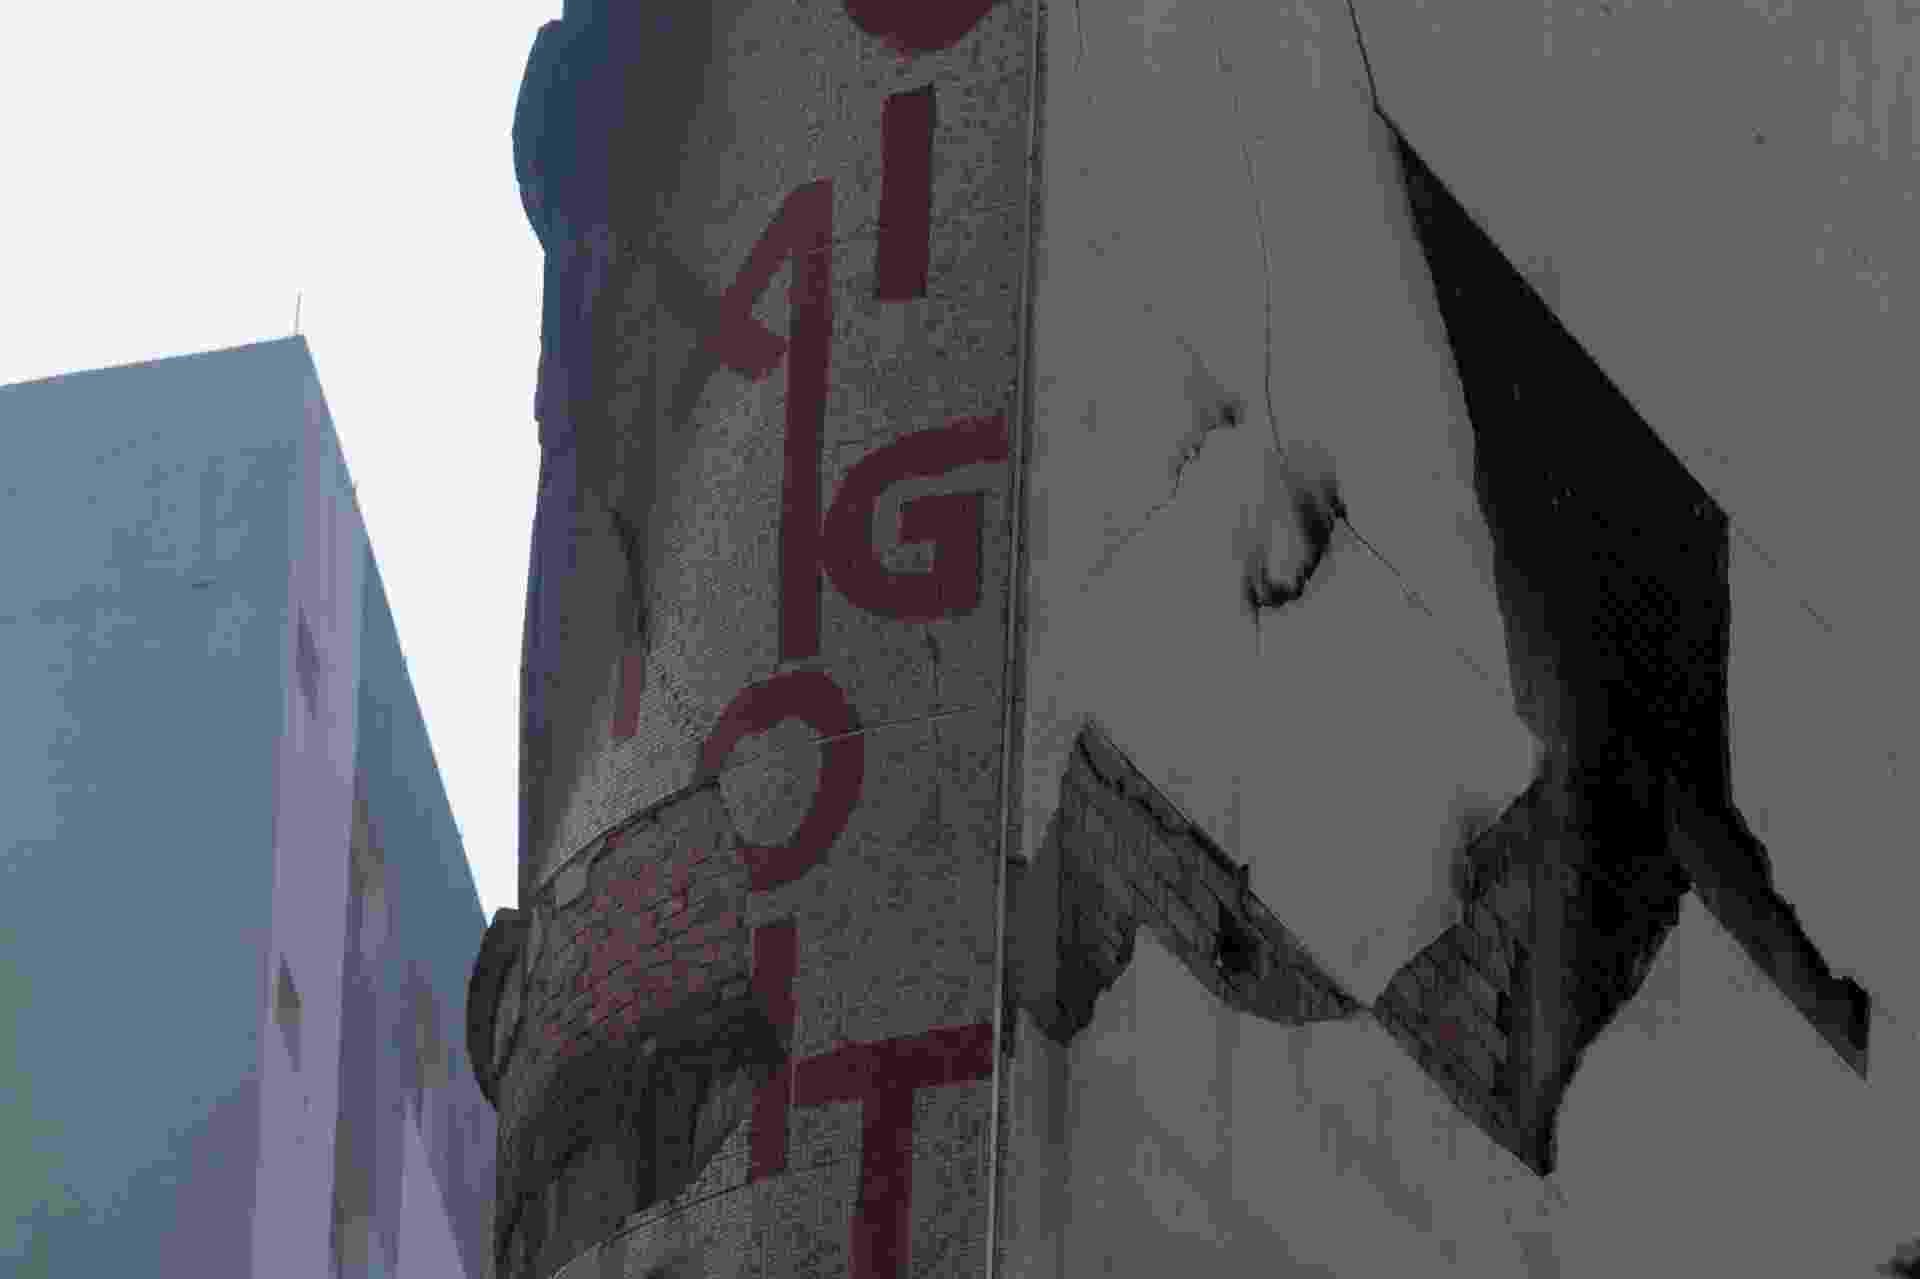 3.mai.2018 - O prédio que fica em frente ao edifício Wilton Paes de Almeida, que desabou, apresentou uma grande rachadura após a tragédia. Segundo informaram os bombeiros nesta quinta-feira, a construção tem risco iminente de queda. O prédio é comercial e está desocupado desde terça-feira - Amanda Perobelli/Estadão Conteúdo